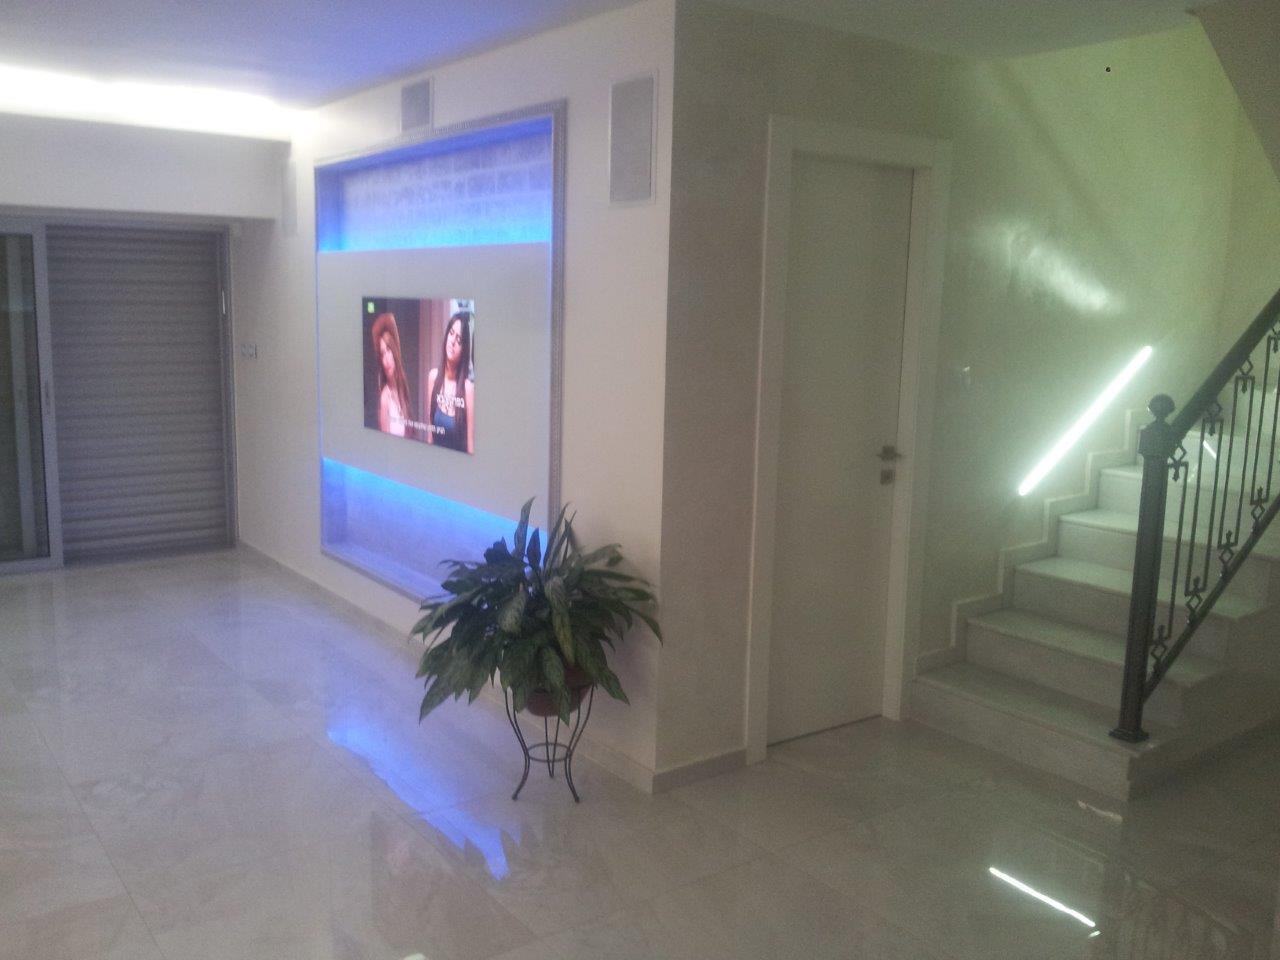 קבלן שיפוצים במרכז תל אביב